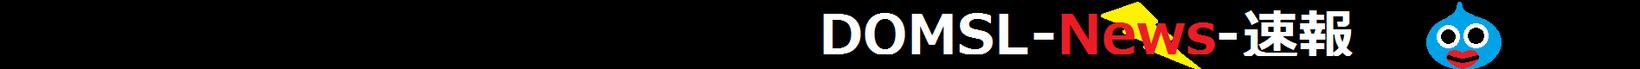 DQMSLNews速報003